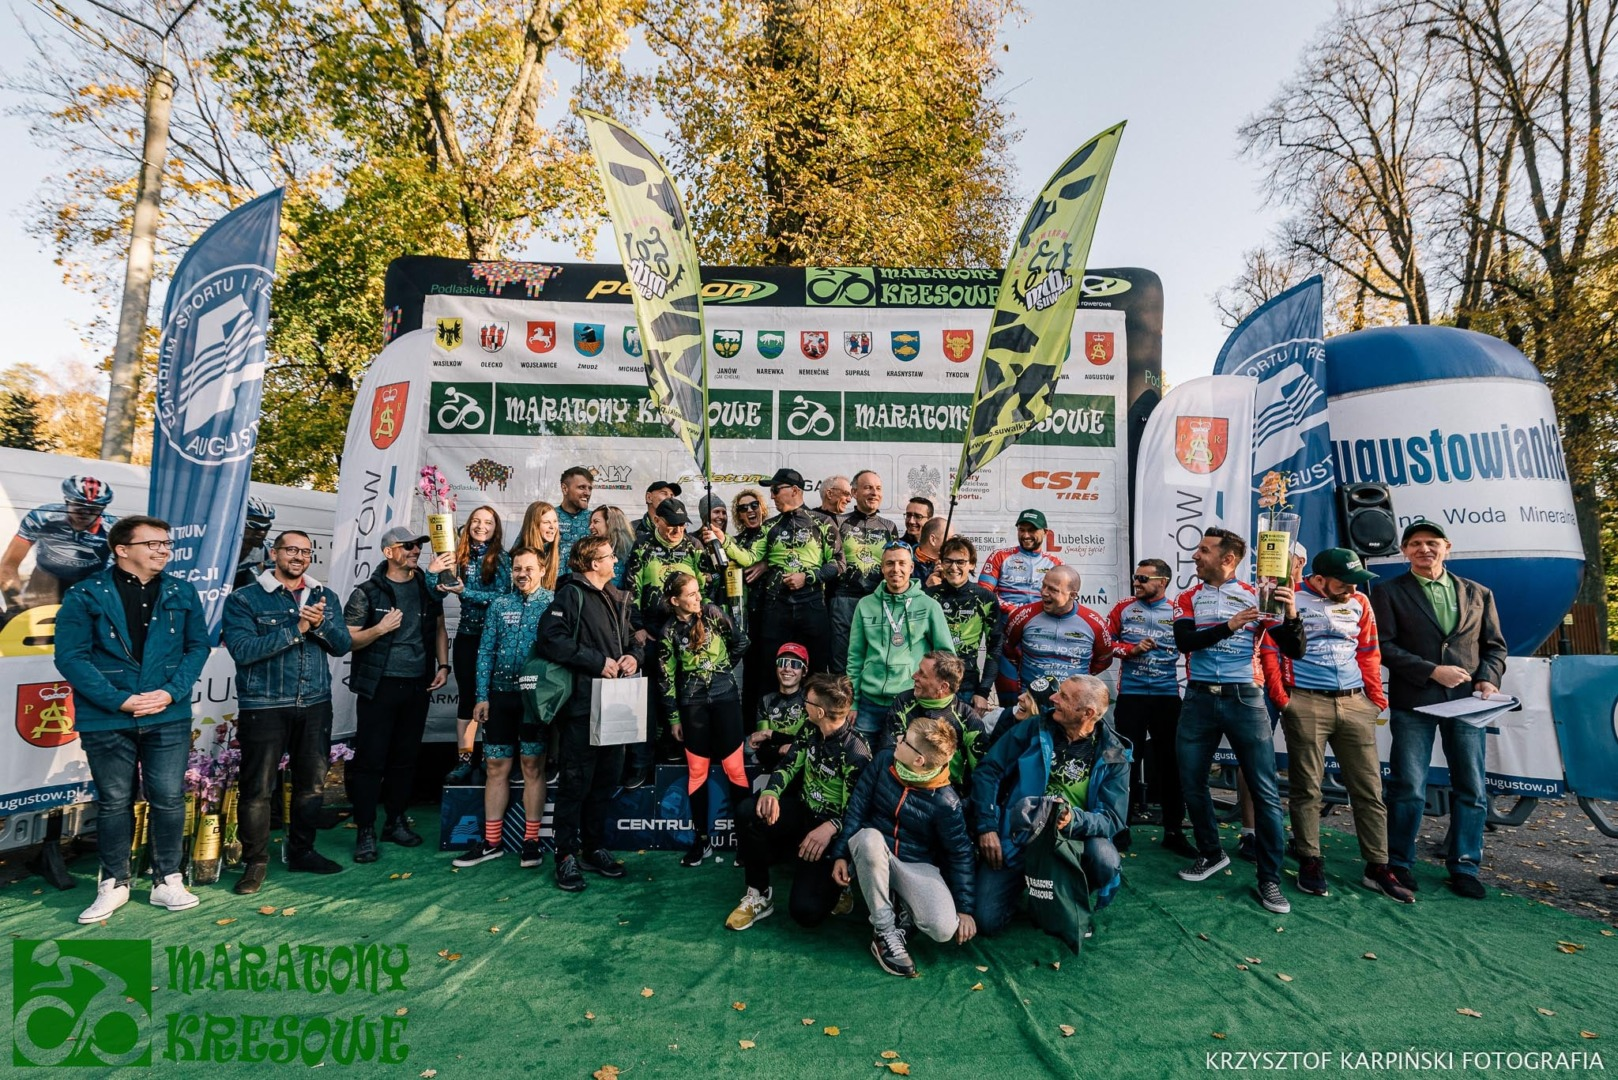 Maratony Kresowe zakończyły 13. sezon w Augustowie